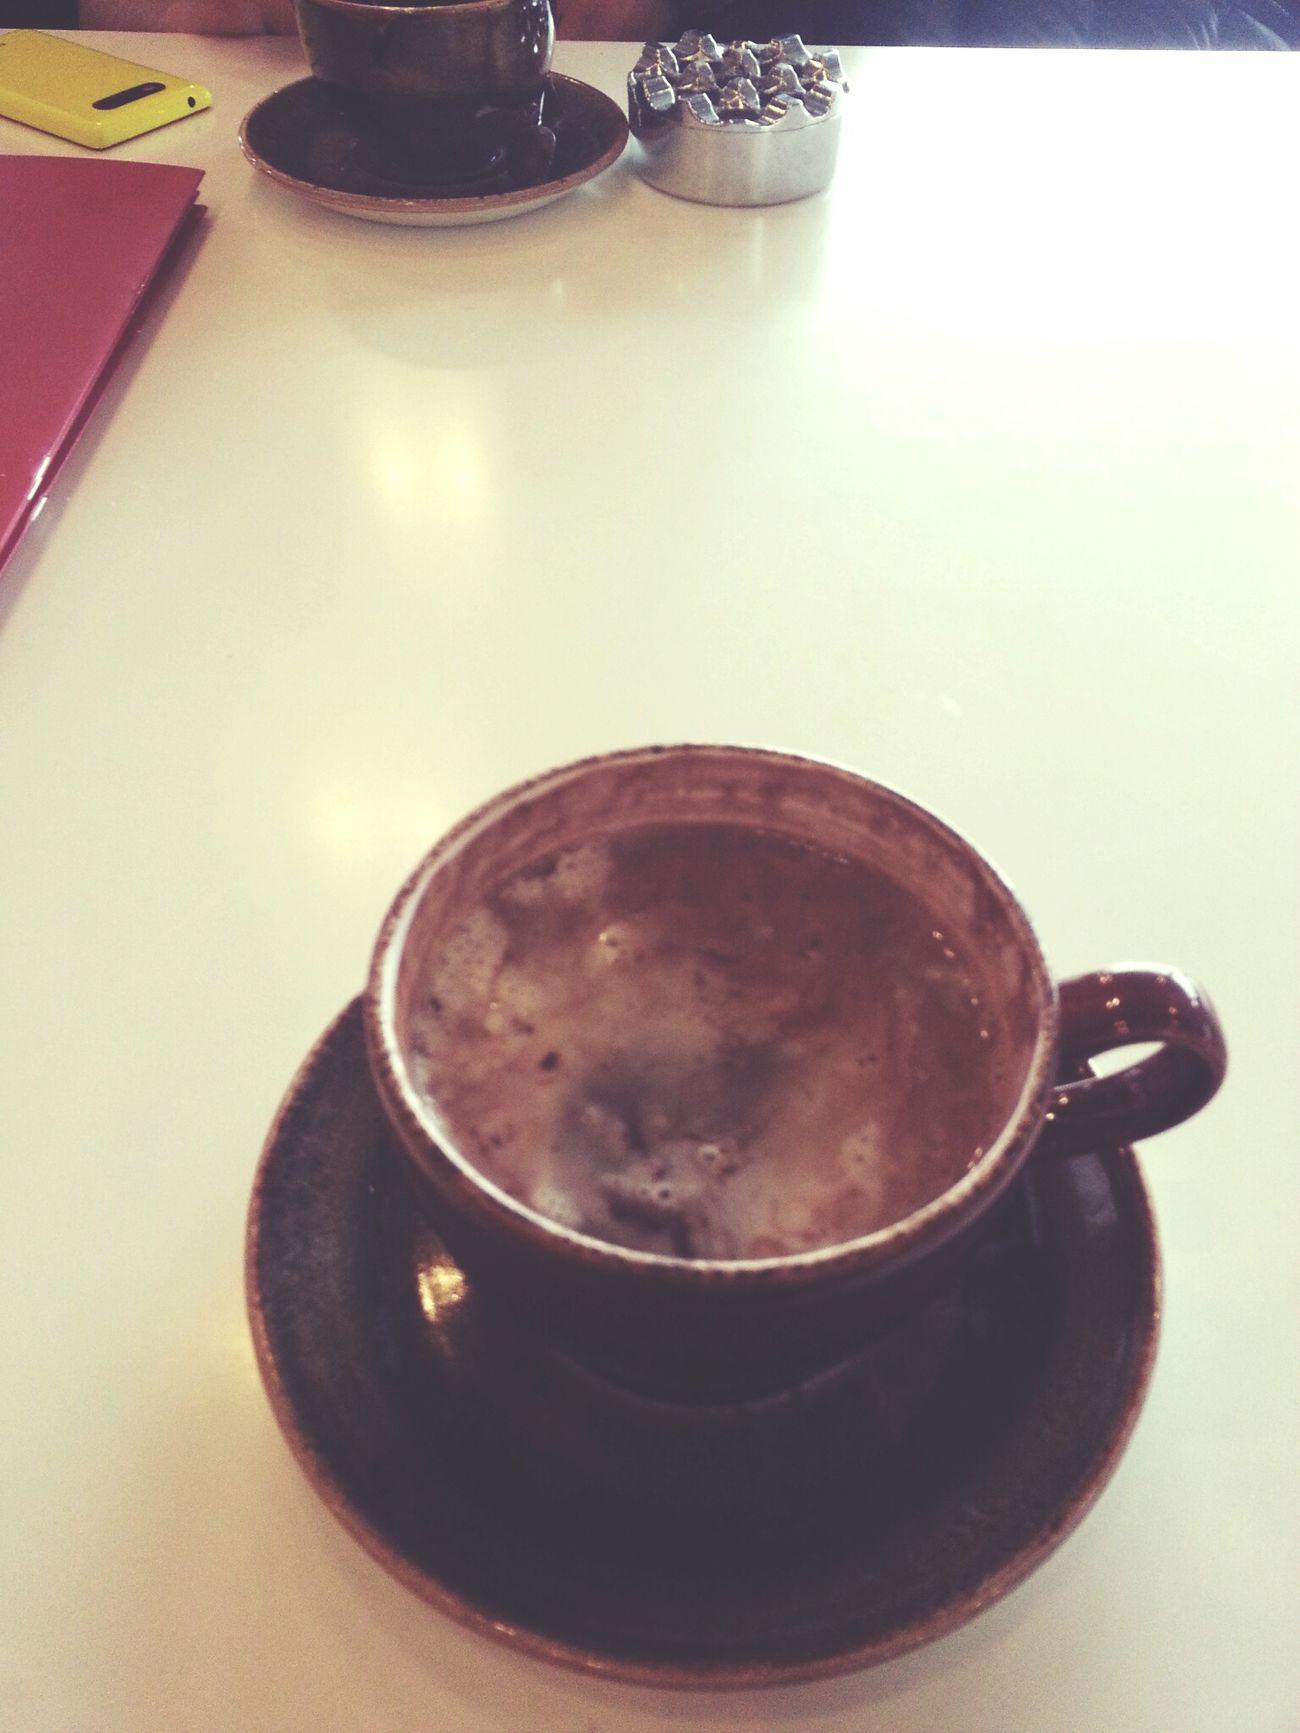 Kuzenle Sıcak çikolata yaşasın yalovaa